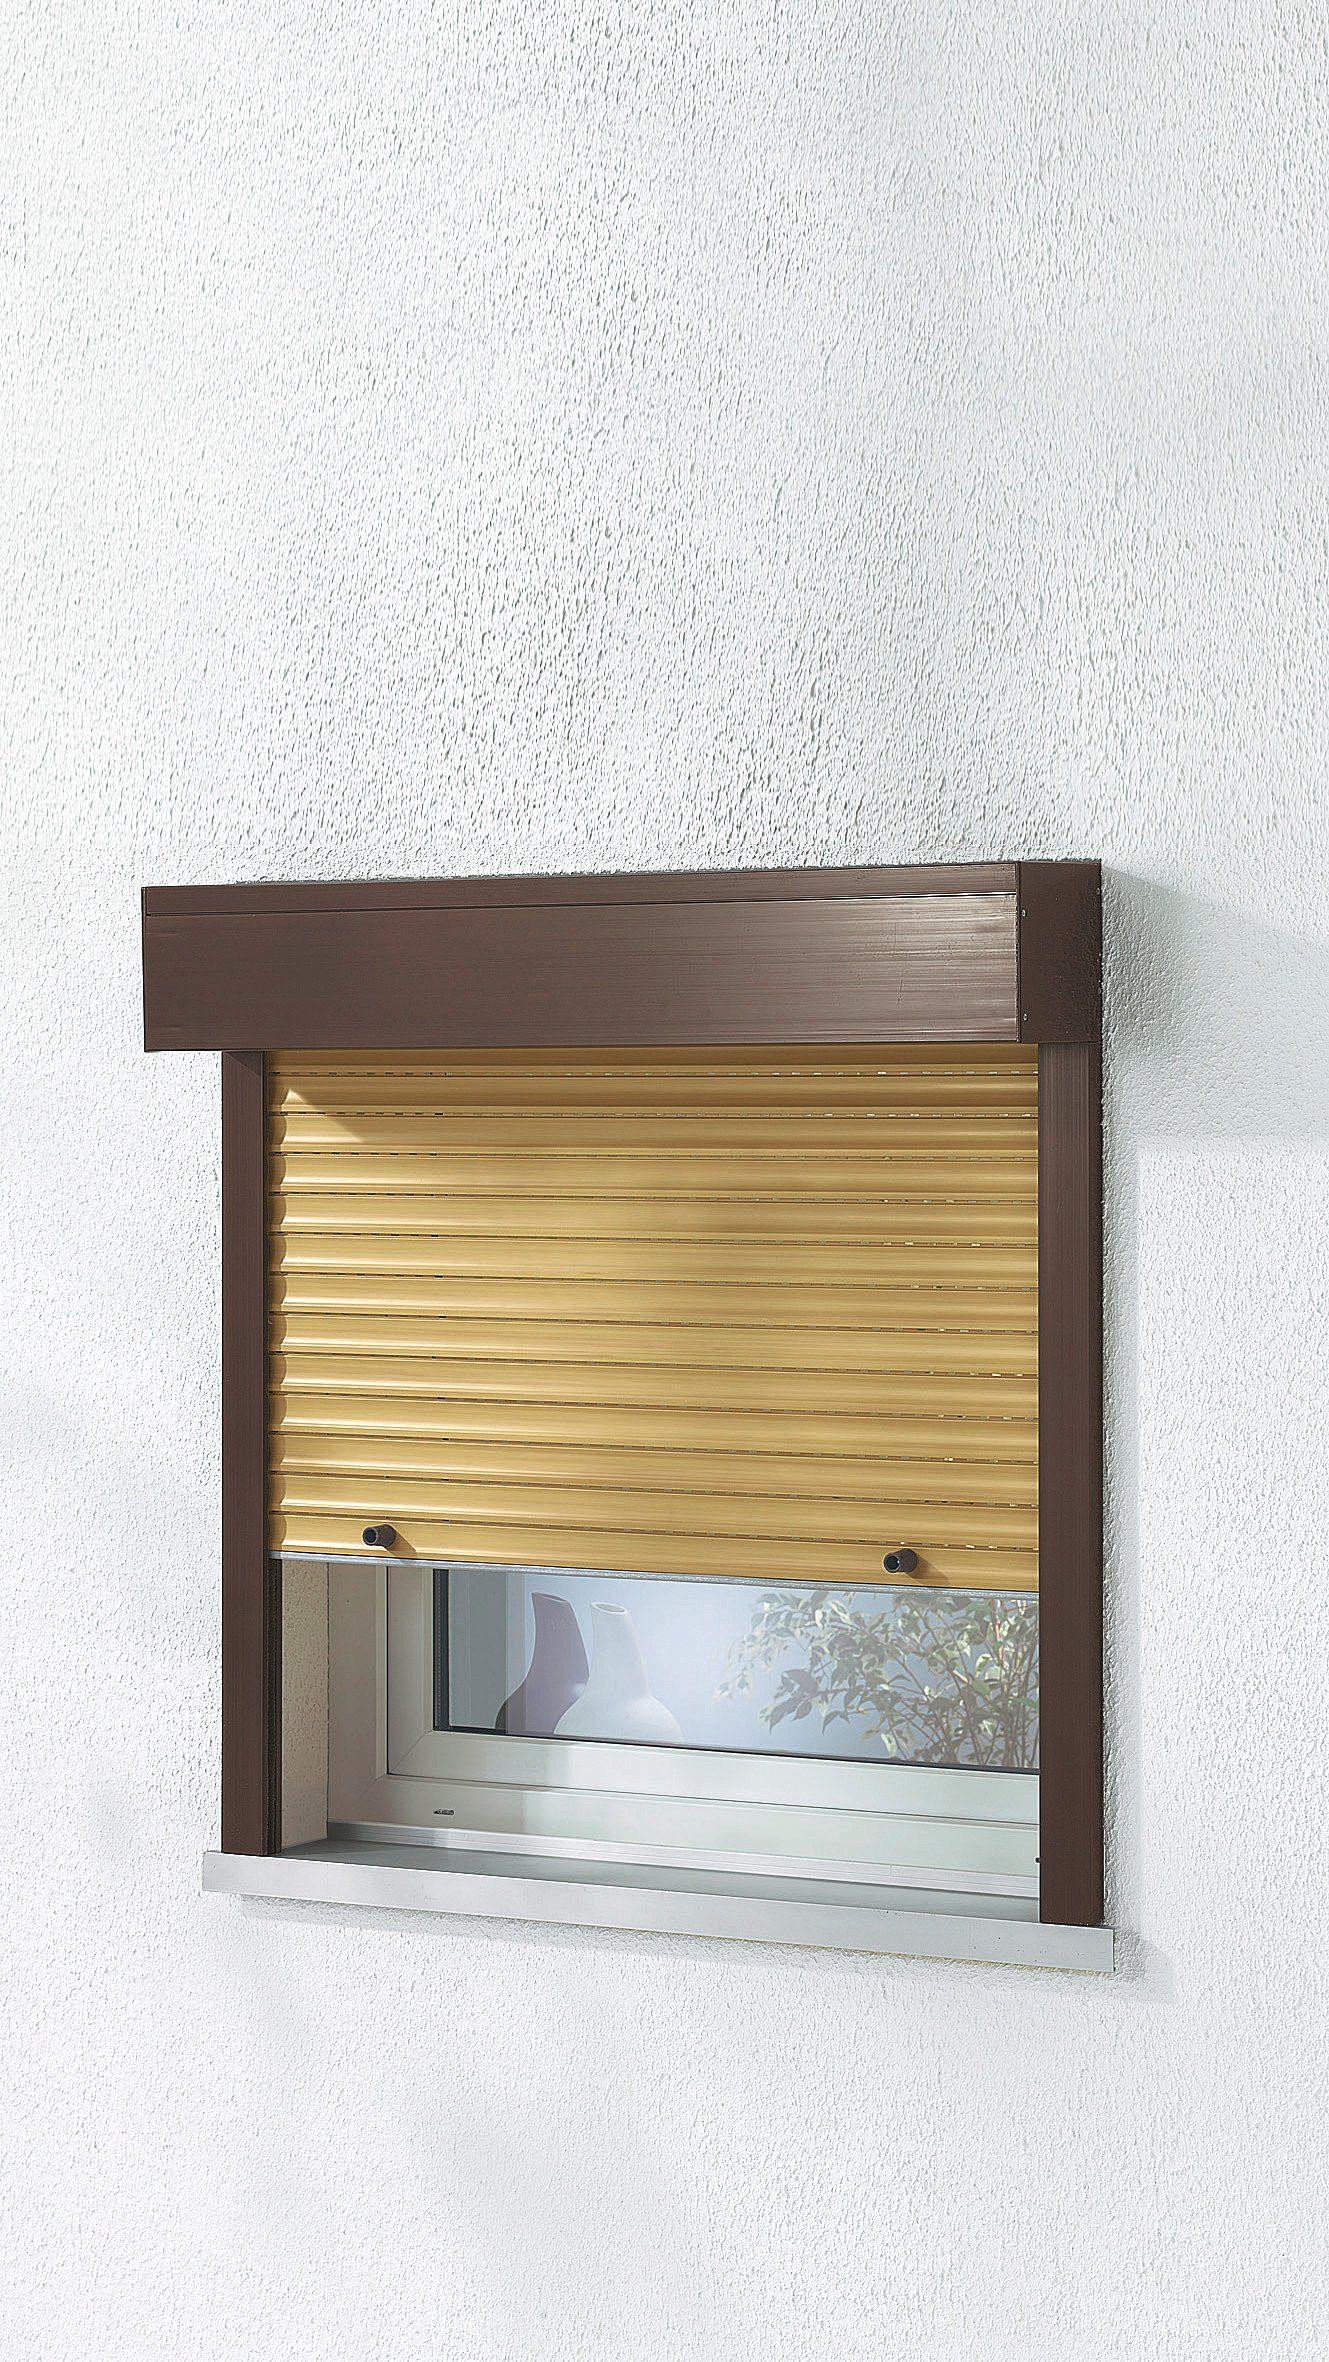 Kunststoff »Vorbau-Rollladen« Sondermaß Breite, Höhe: 160 cm, holzfarben-braun